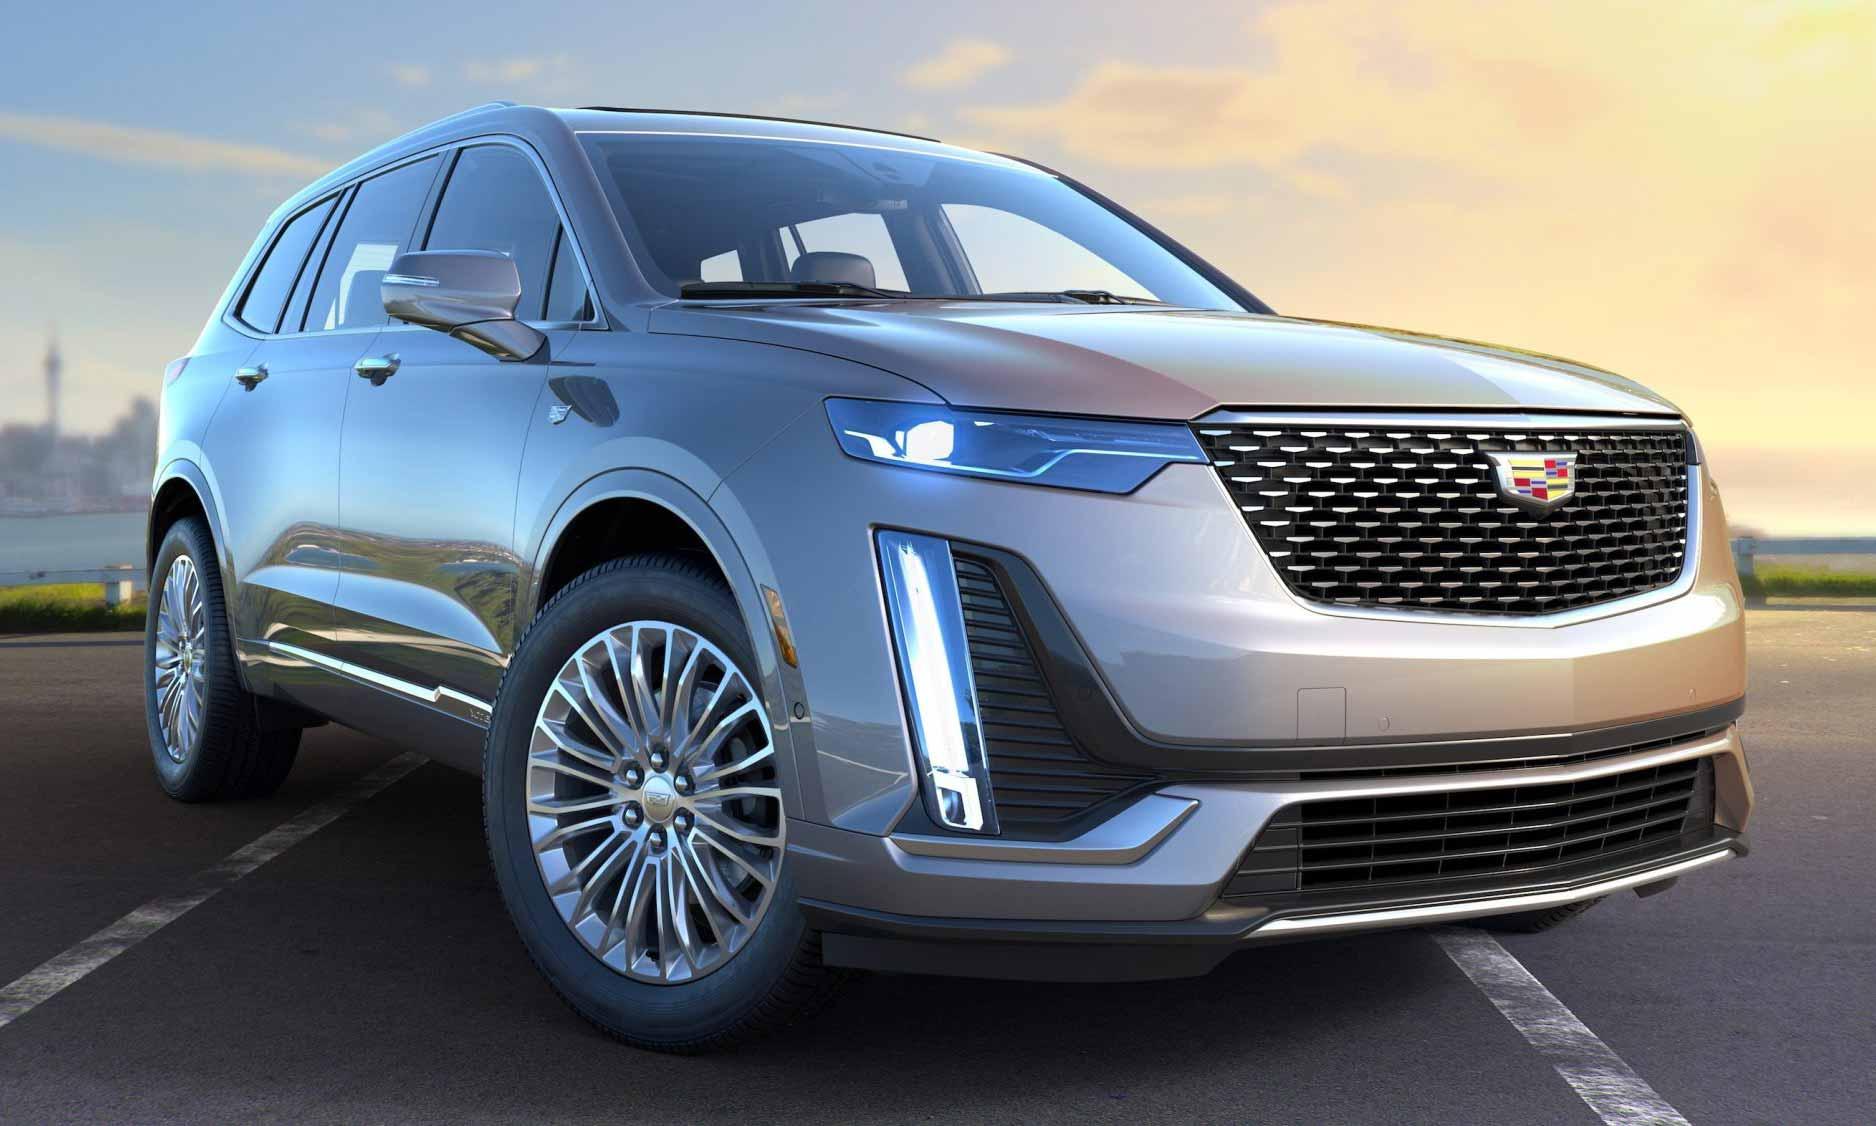 Der US-Dienstleister Zerolight hat sich auf realistische 3D-Automodelle für die Automobilindustrie spezialisiert. Bild: Zerolight